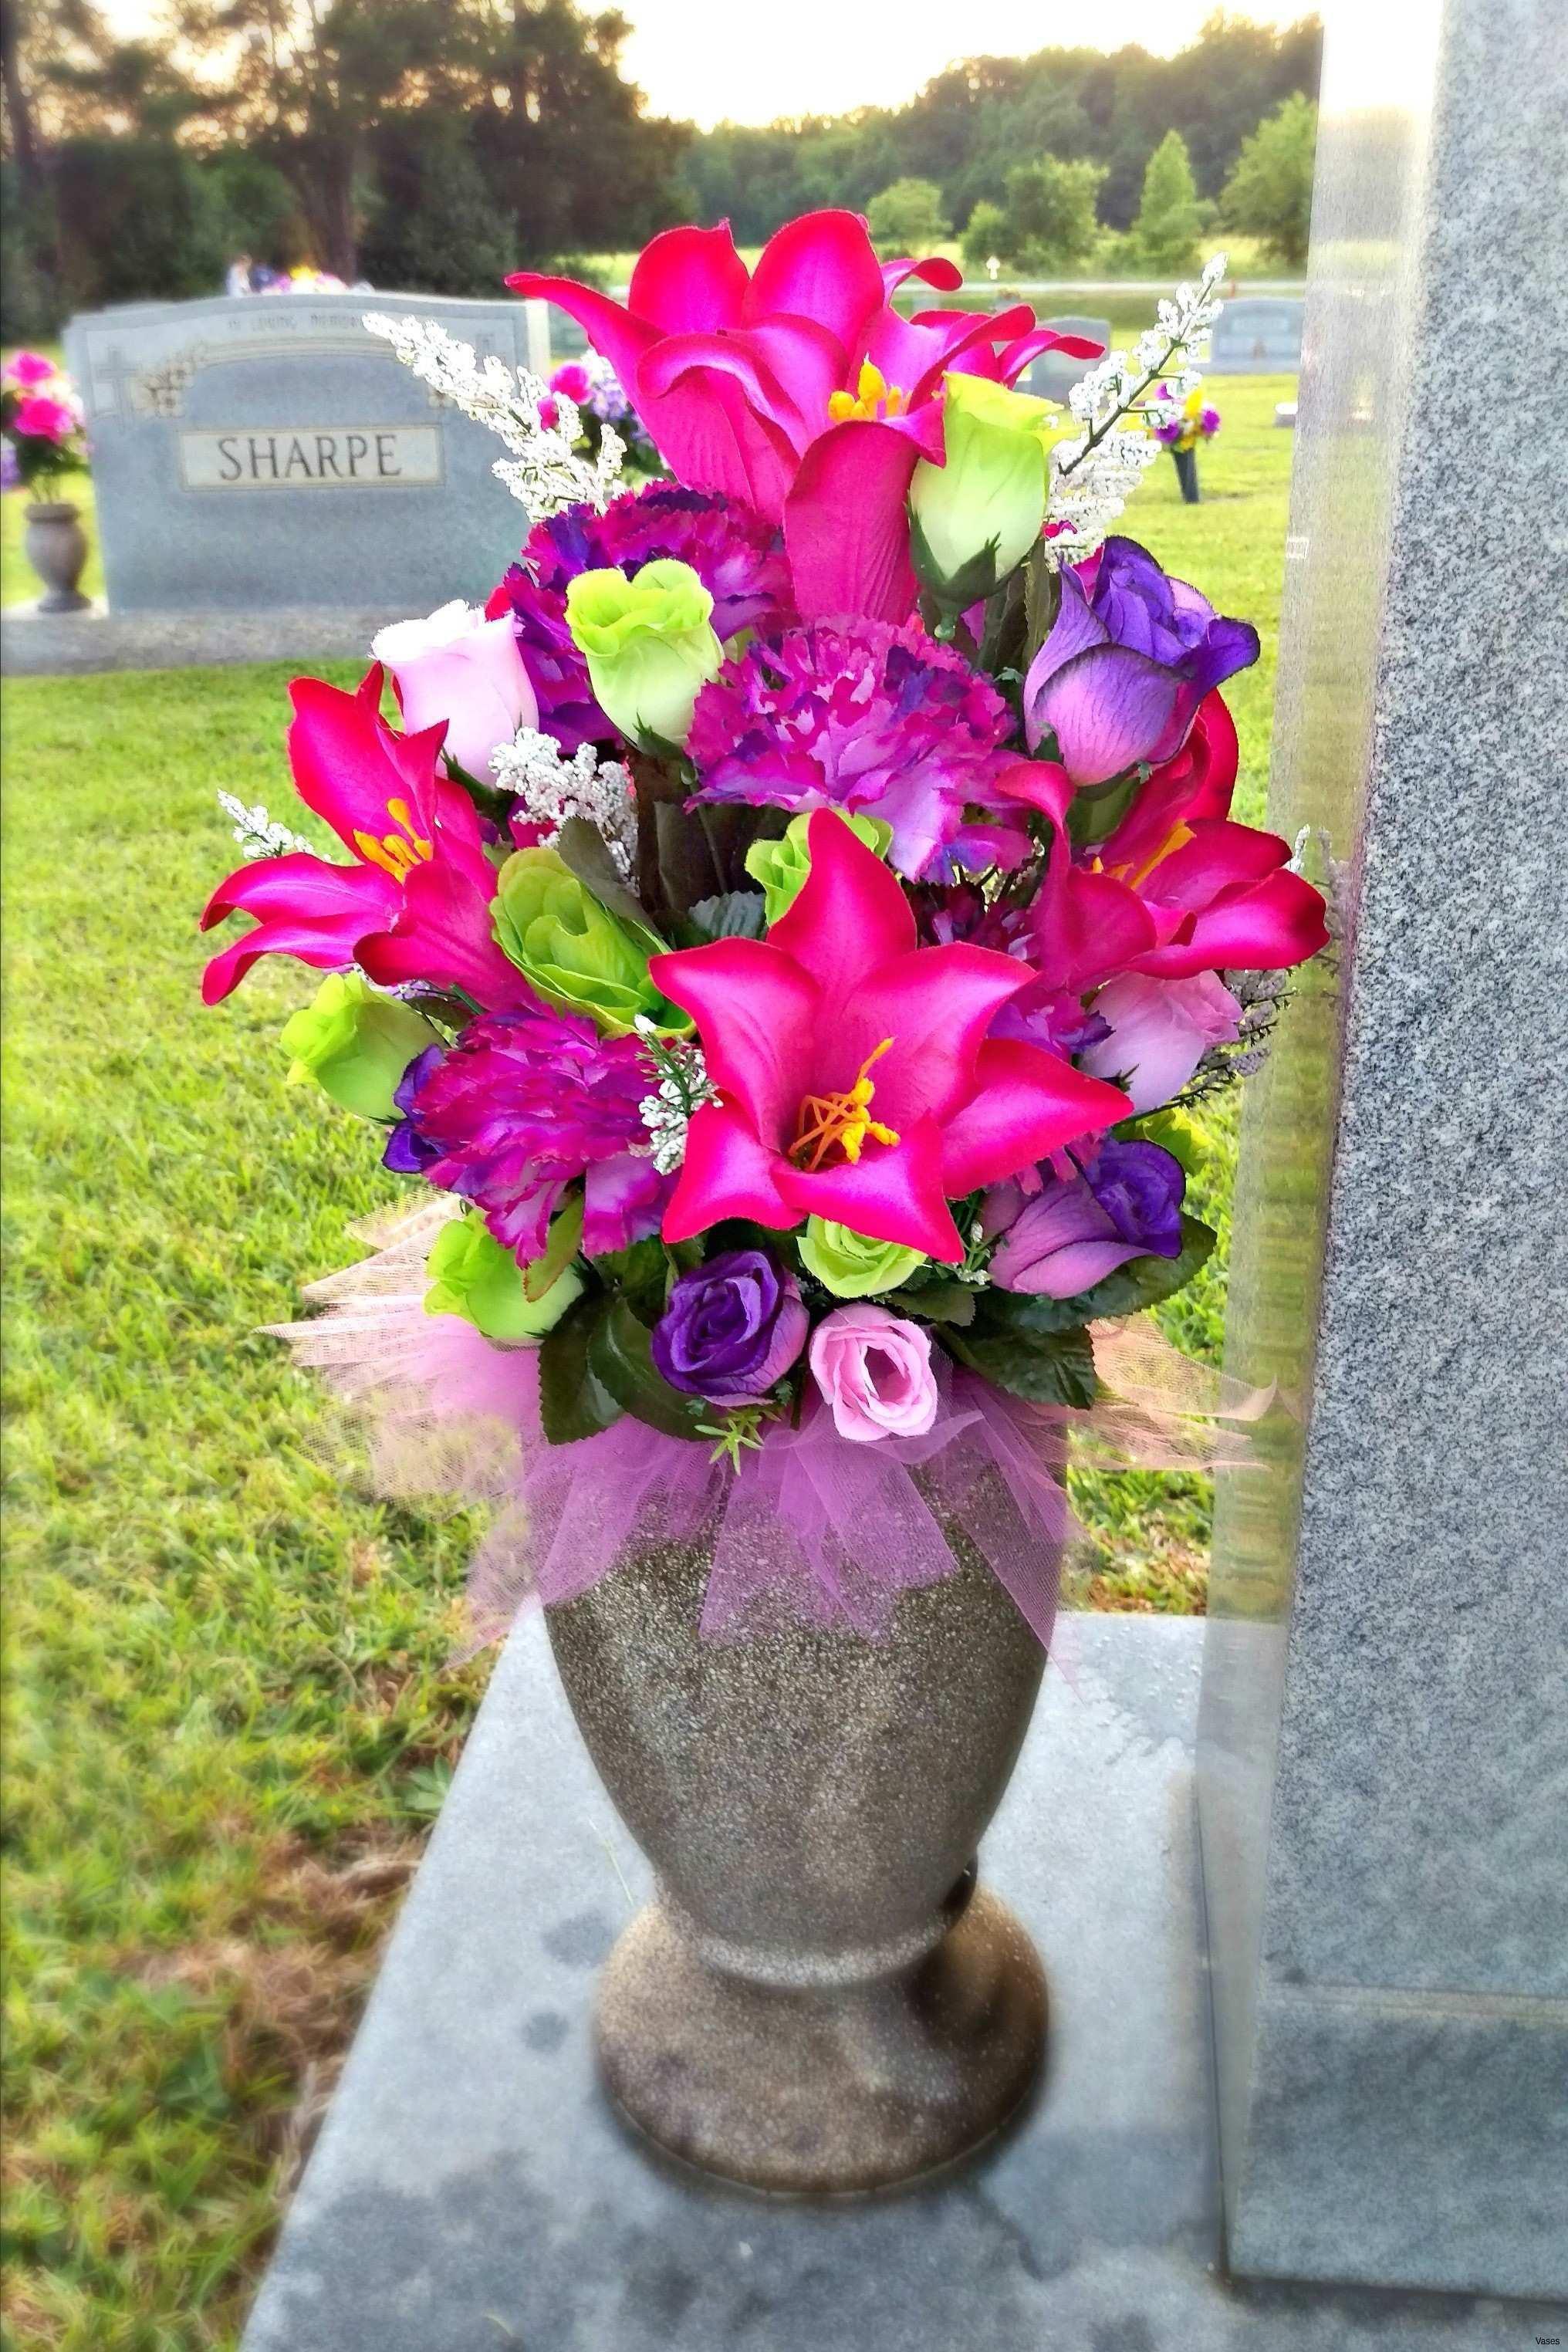 tall elegant flower vases of buy rose bushes best of vases grave flower vase cemetery in buy rose bushes best of vases grave flower vase cemetery informationi 0d in ground holders